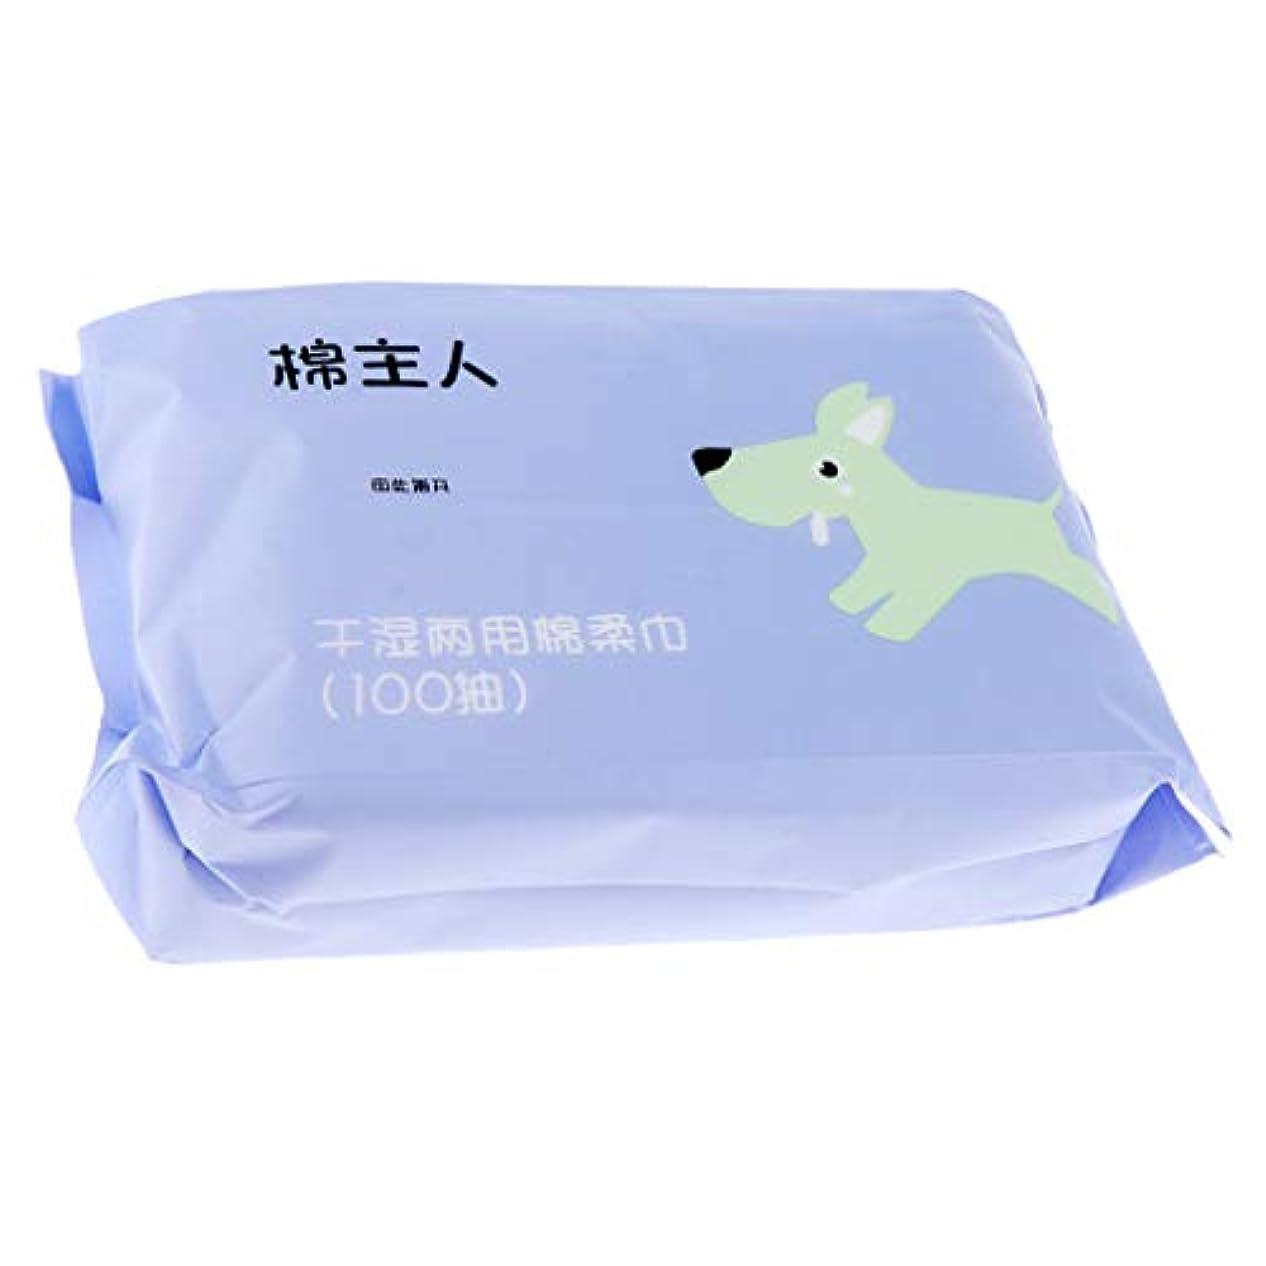 IPOTCH 約100枚 使い捨て クリーニング フェイスタオル 化粧品 ソフト フェイシャルワイプ 2色選べ - 青紫